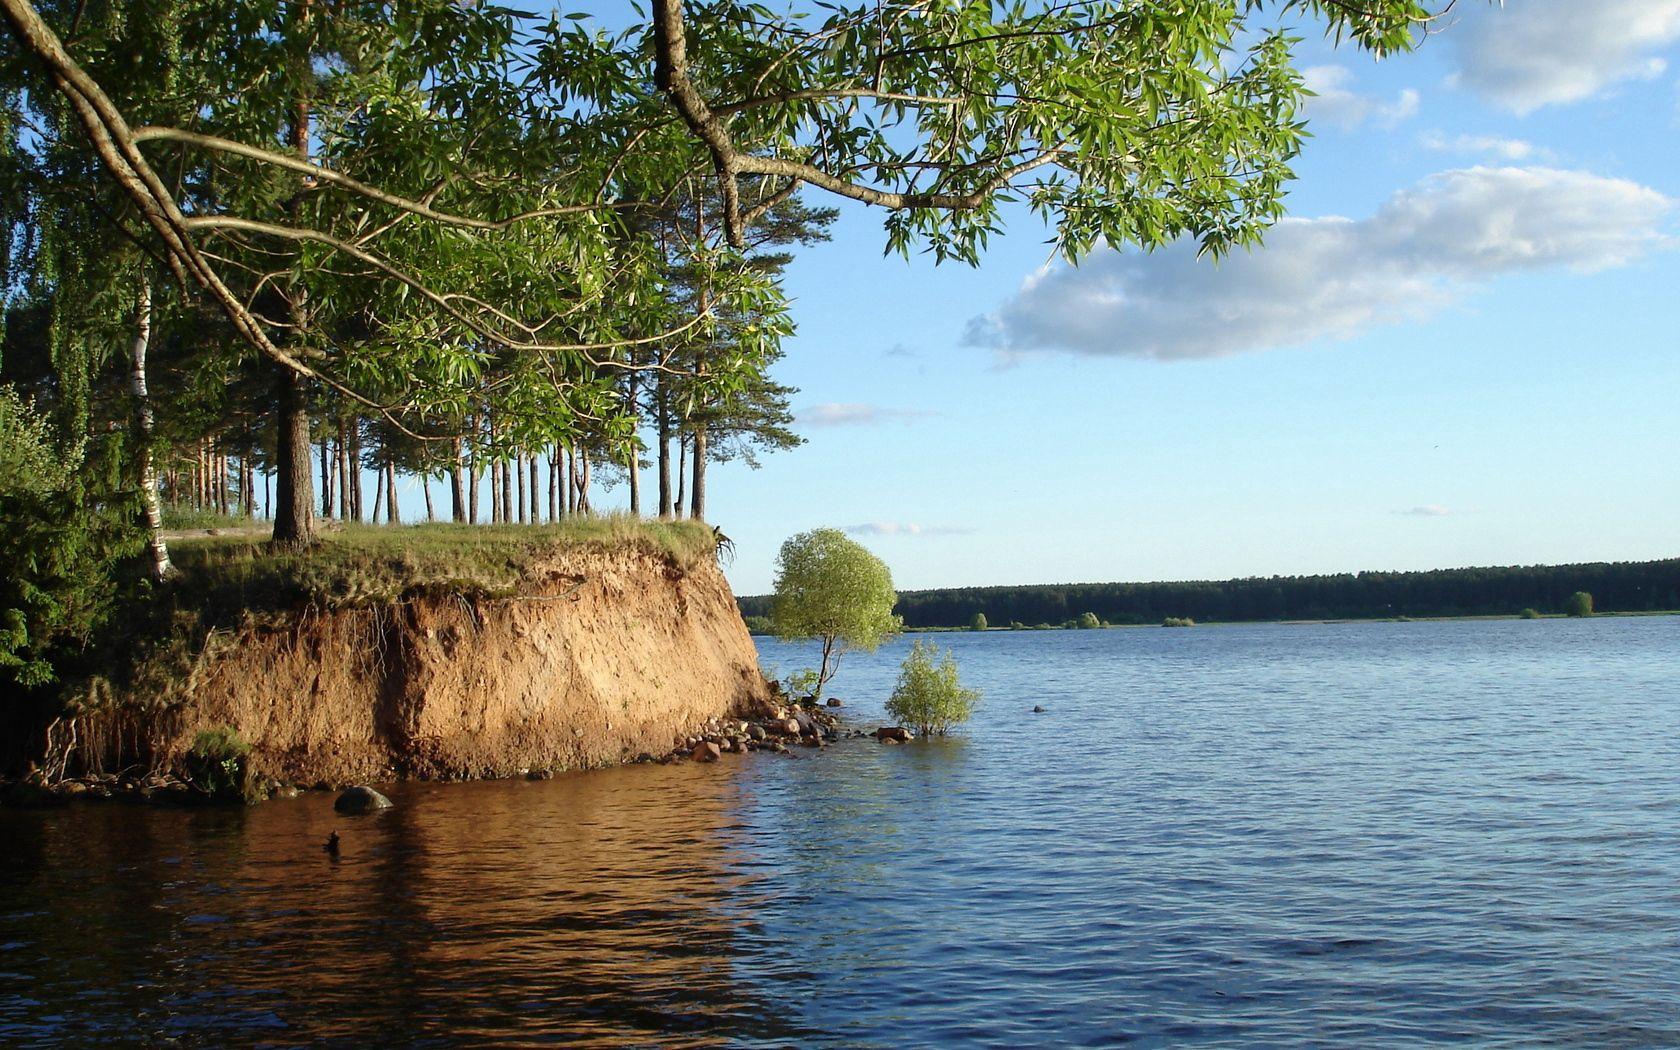 70230 скачать обои Река, Природа, Вода, Берег, Дерево, Ветка, Куст, Глина - заставки и картинки бесплатно